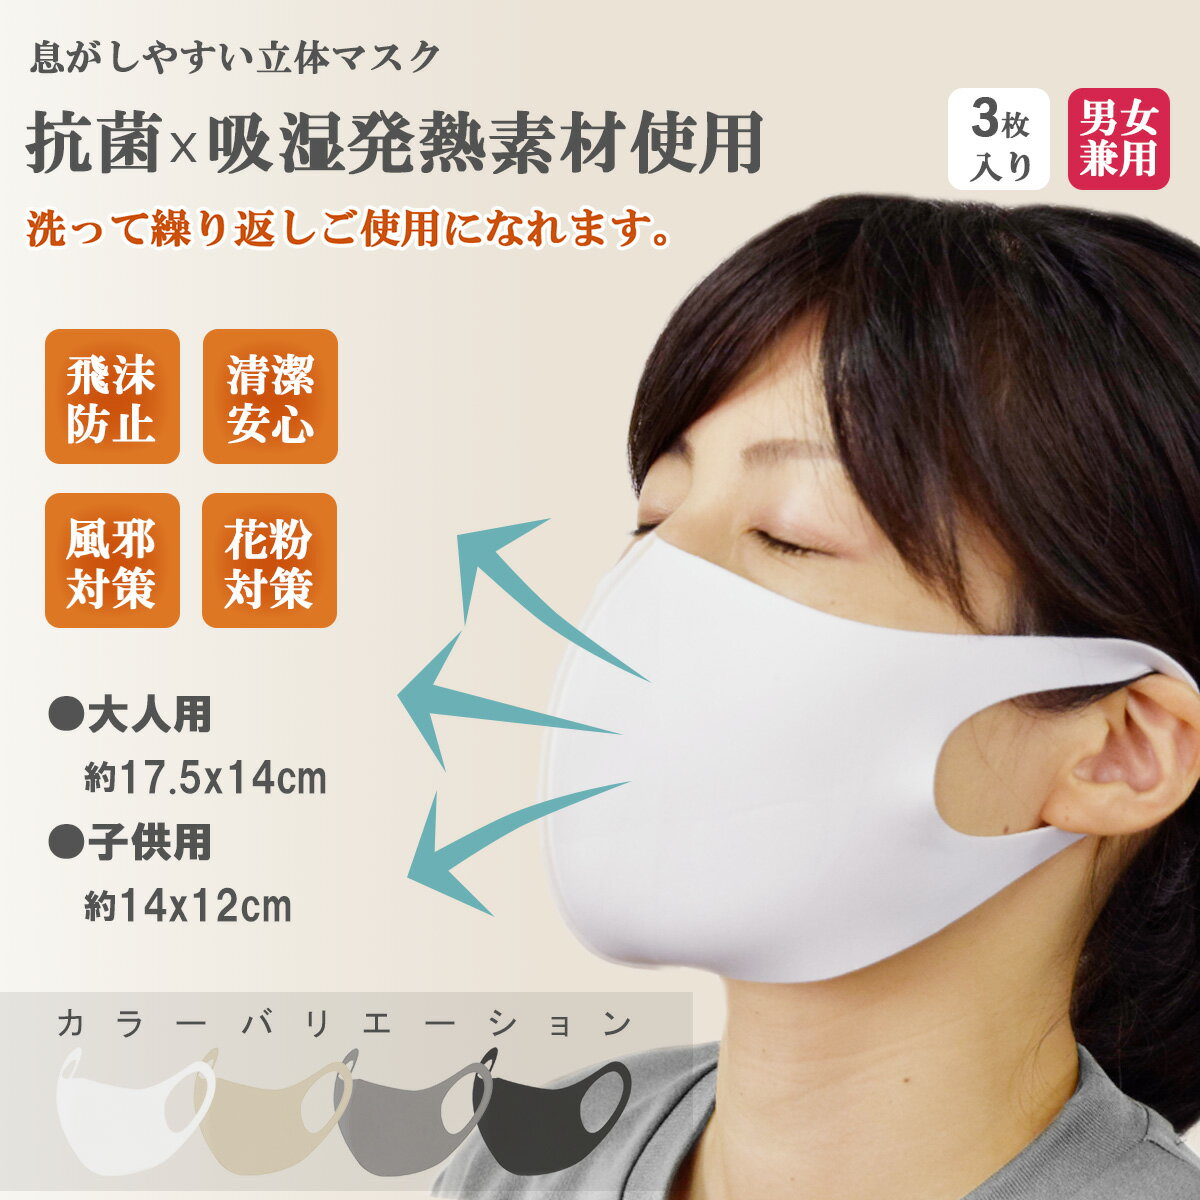 ブラックフライデー BLACK FRIDAY【冬用のマスク!?】抗菌 吸湿発熱マスク 大人用 子供用 4色 洗って使えるマスク 長持ち 衛生的 限定